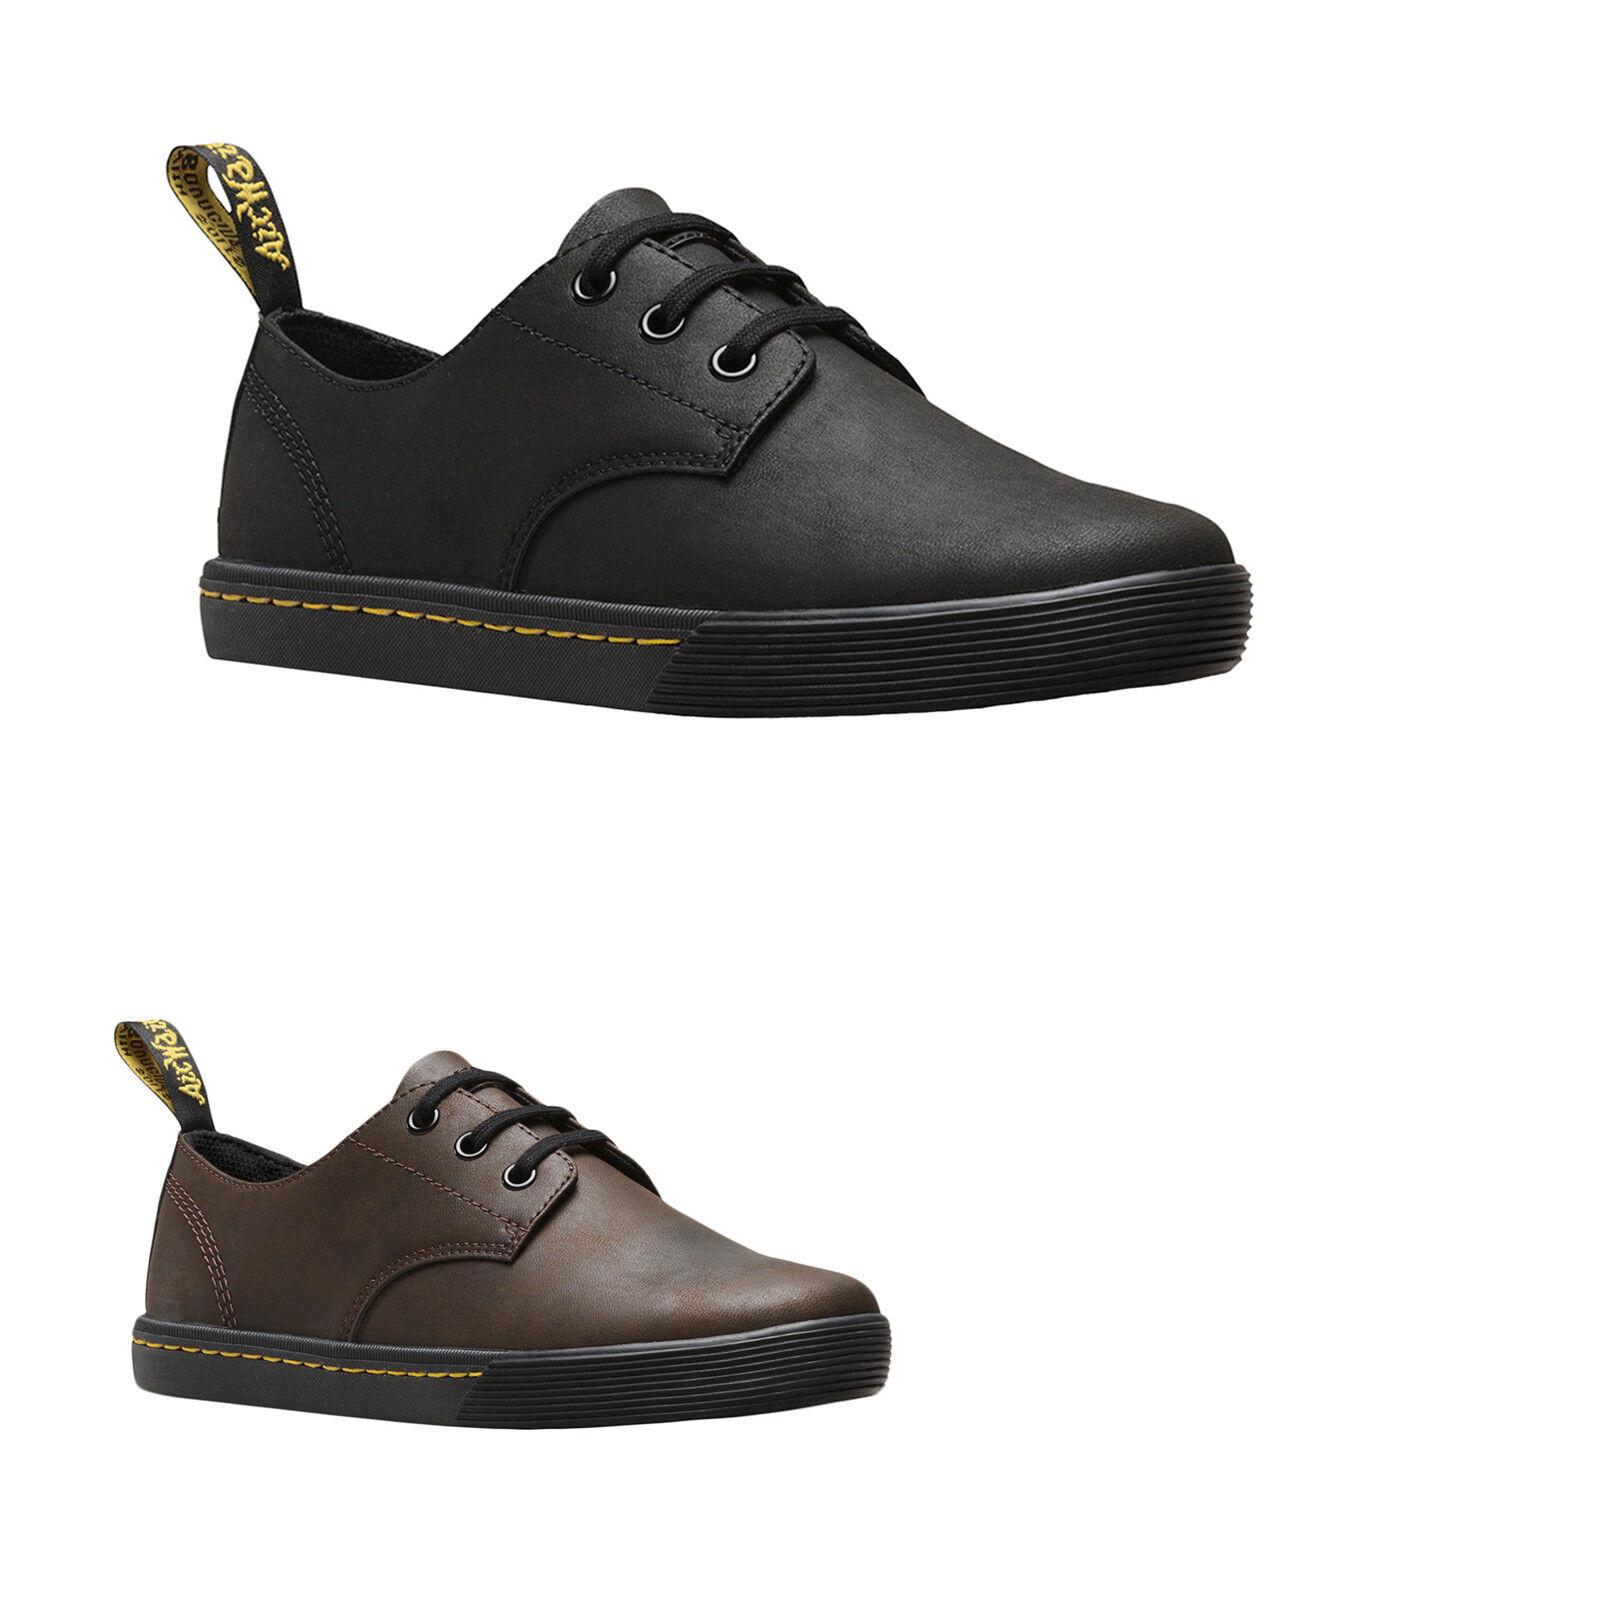 Dr. Martens Martens Martens Santanita Mohawk non woven casual Lace-up derby Zapatos señora  comprar ahora